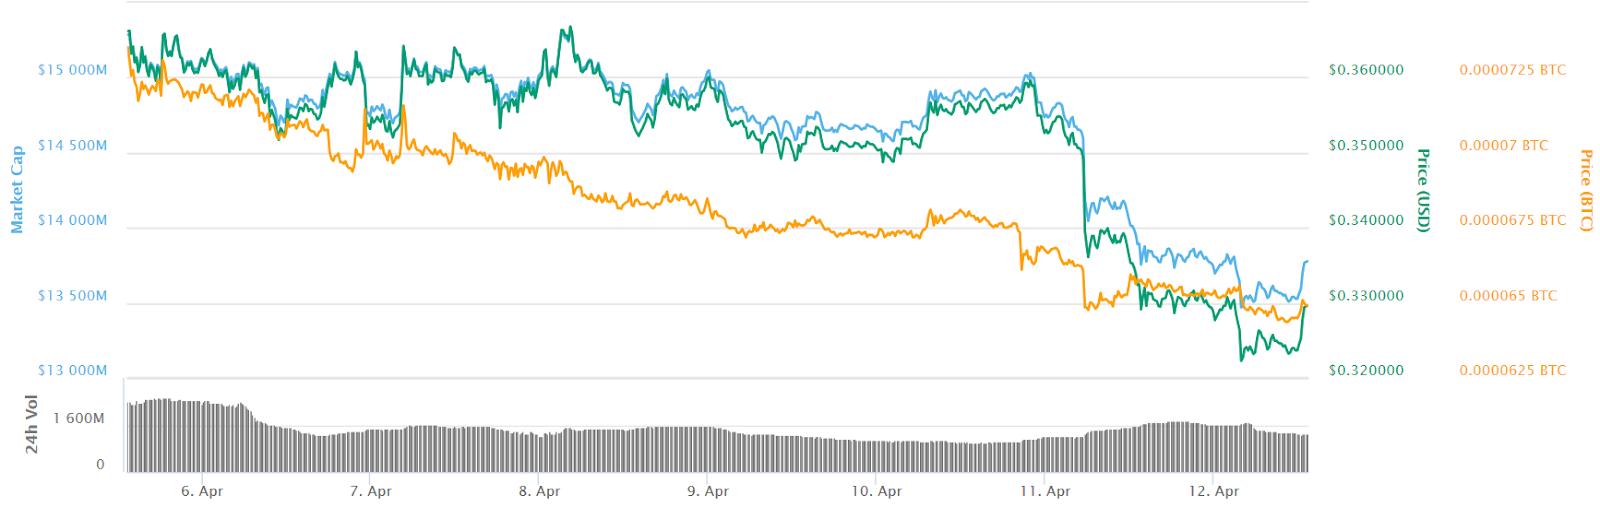 Gráfico de precios de Ripple para 7 días